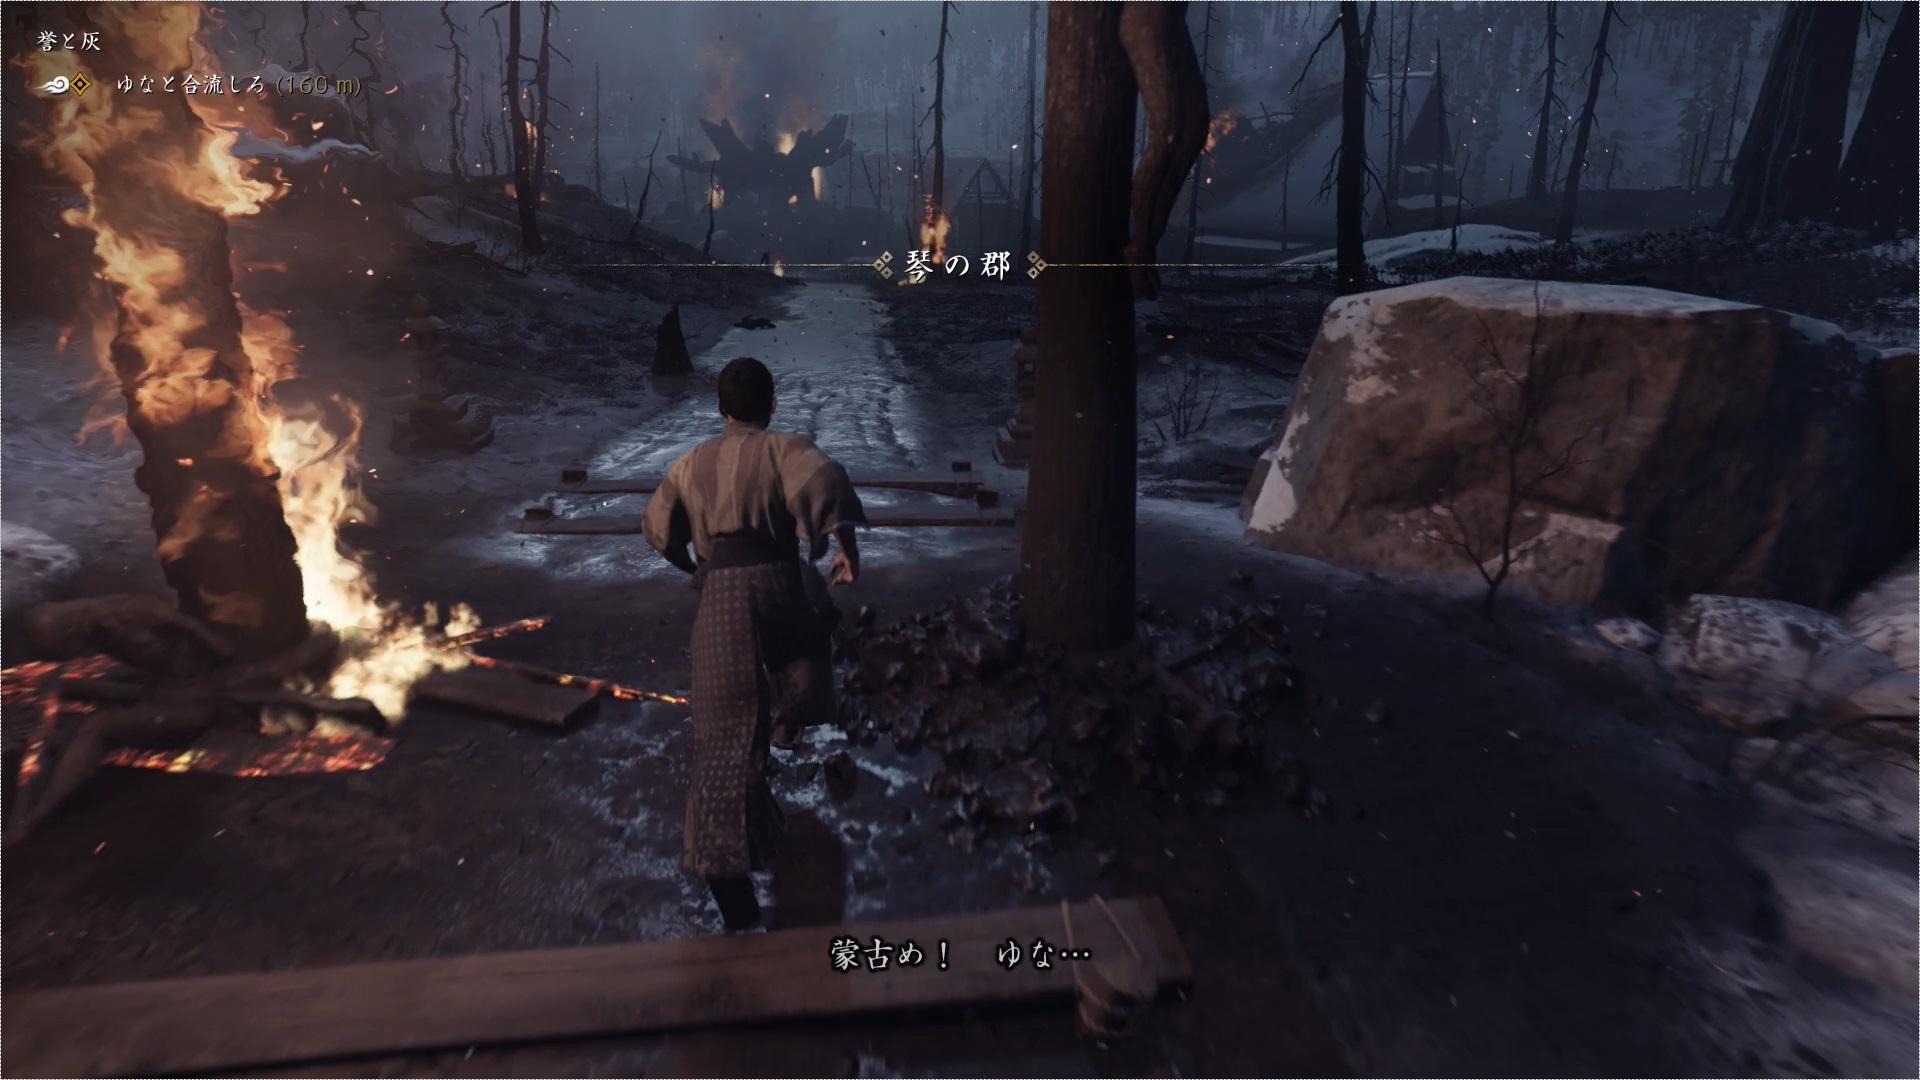 琴は蒙古兵に襲撃されていました。ゆなを探しに行く仁。